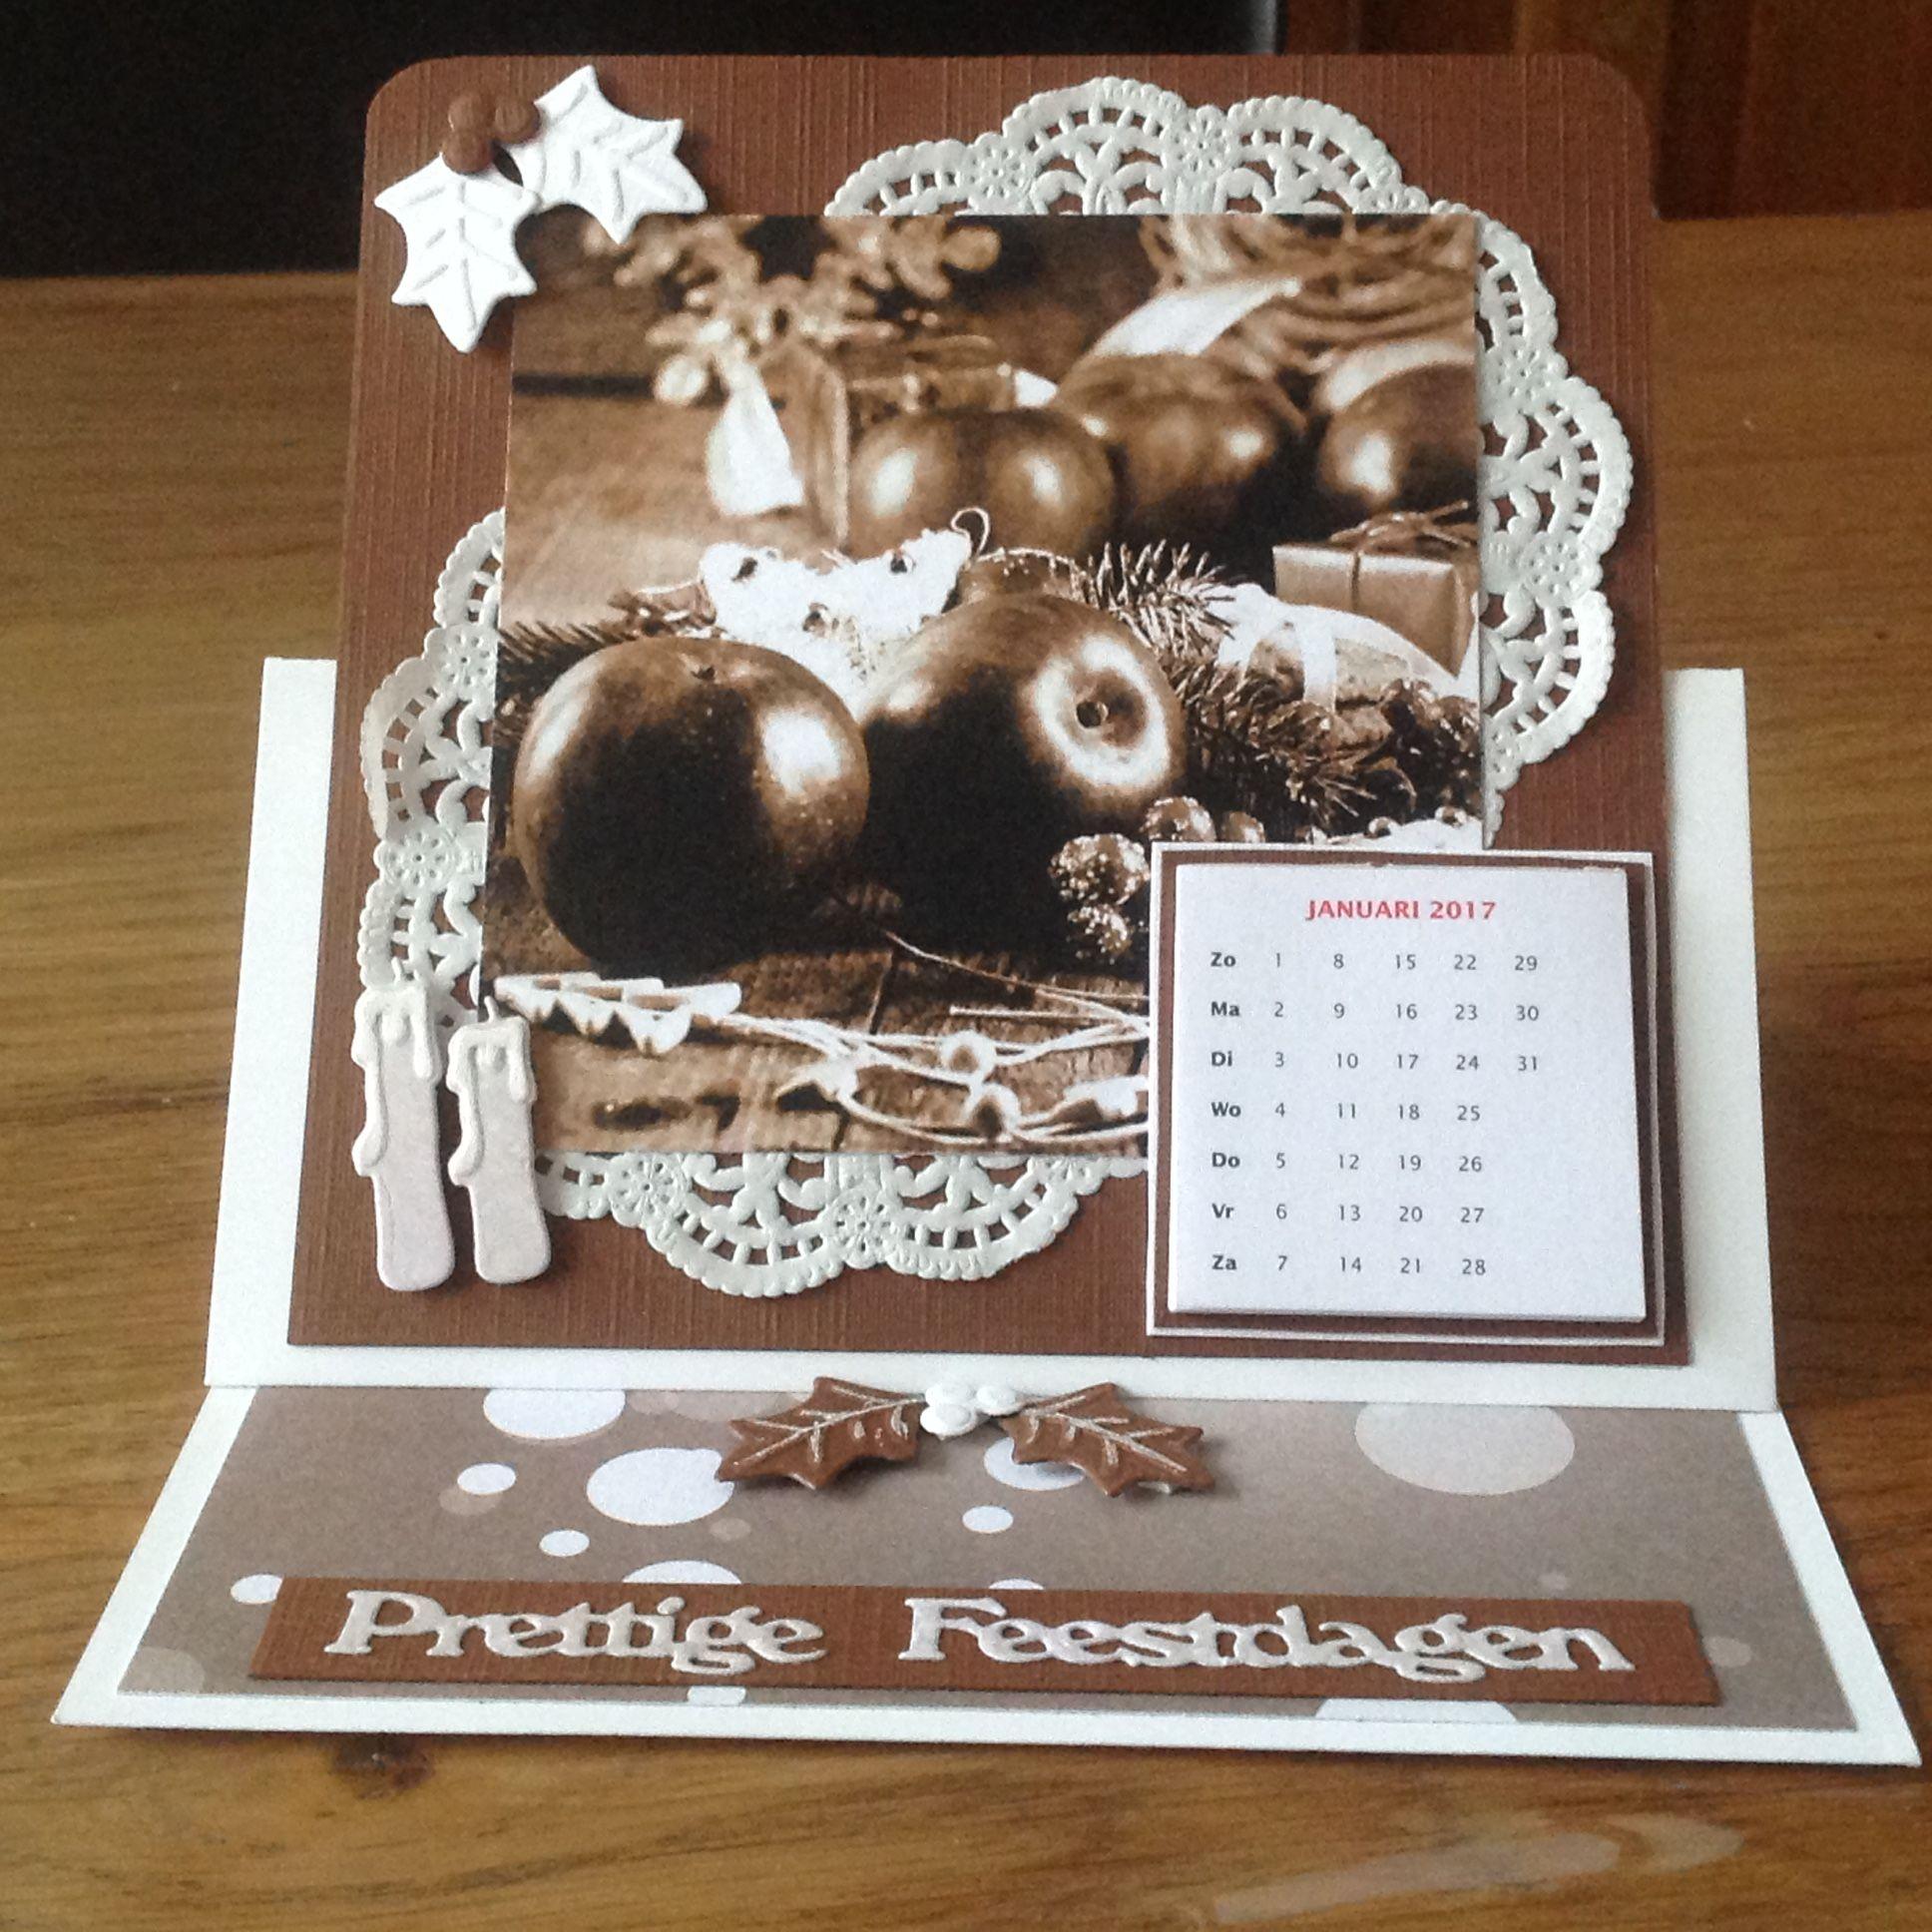 Kerstkaart met kalender 2017 gemaakt door Anne Marie.